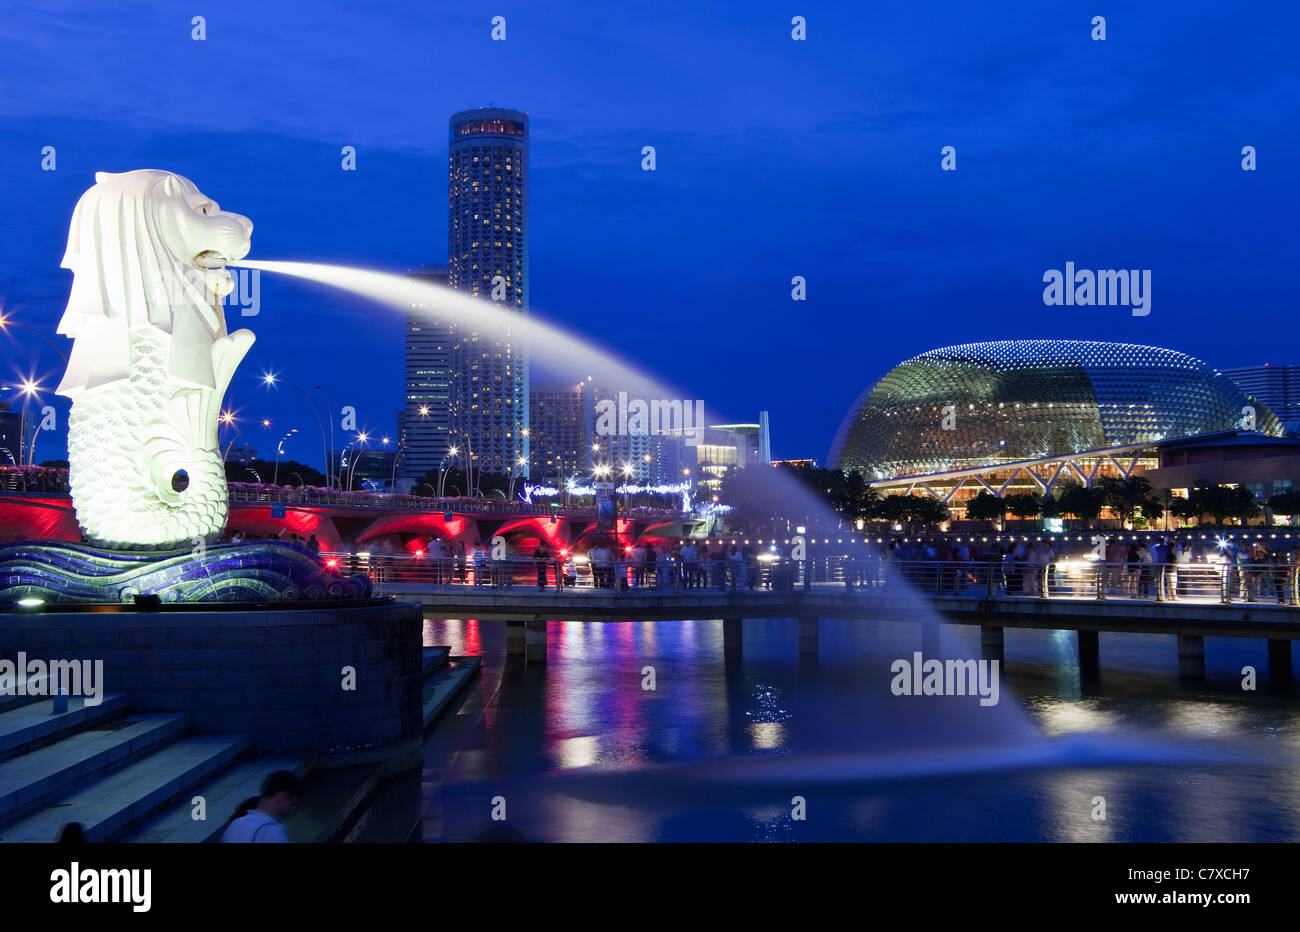 La statue du Merlion, Singapour Banque D'Images